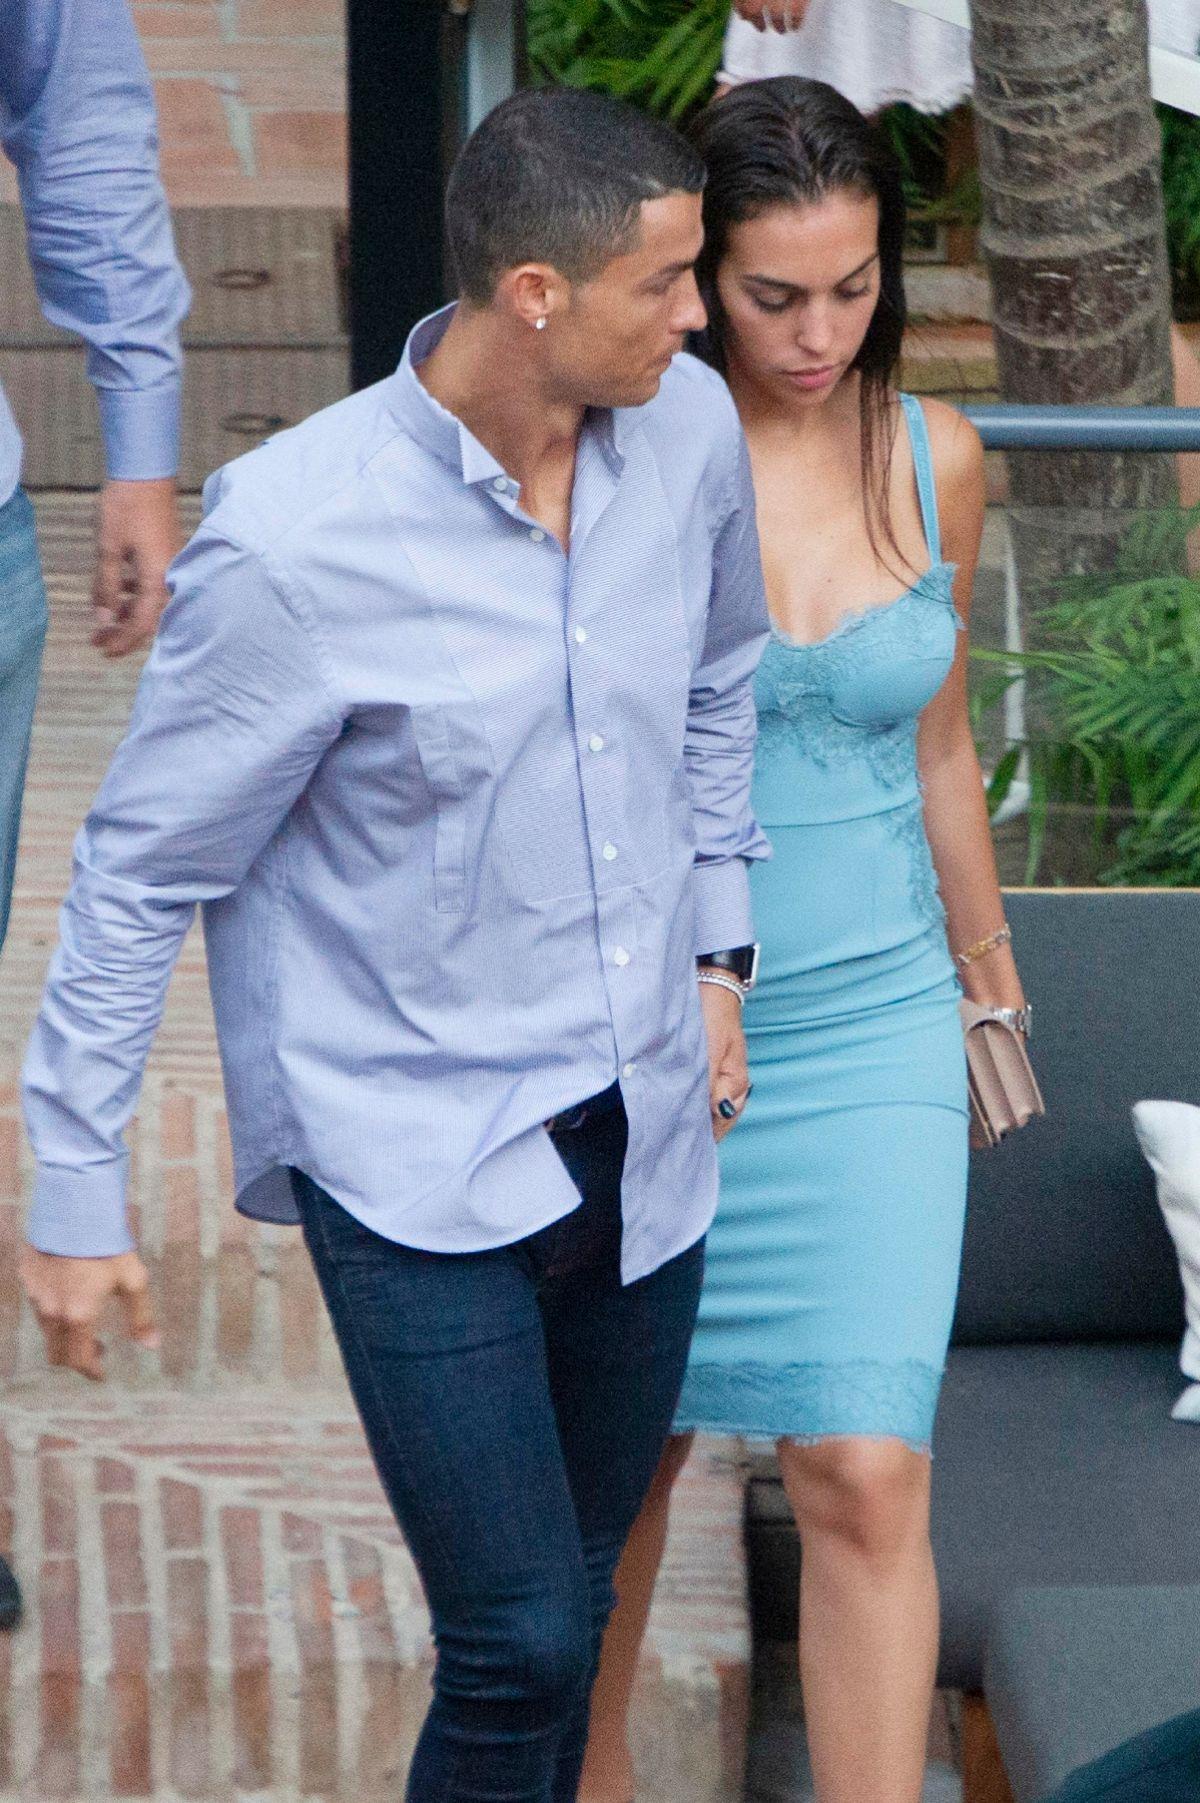 Georgina Rodriguez And Cristiano Ronaldo Out In Malaga 05 30 2018 Hawtcelebs